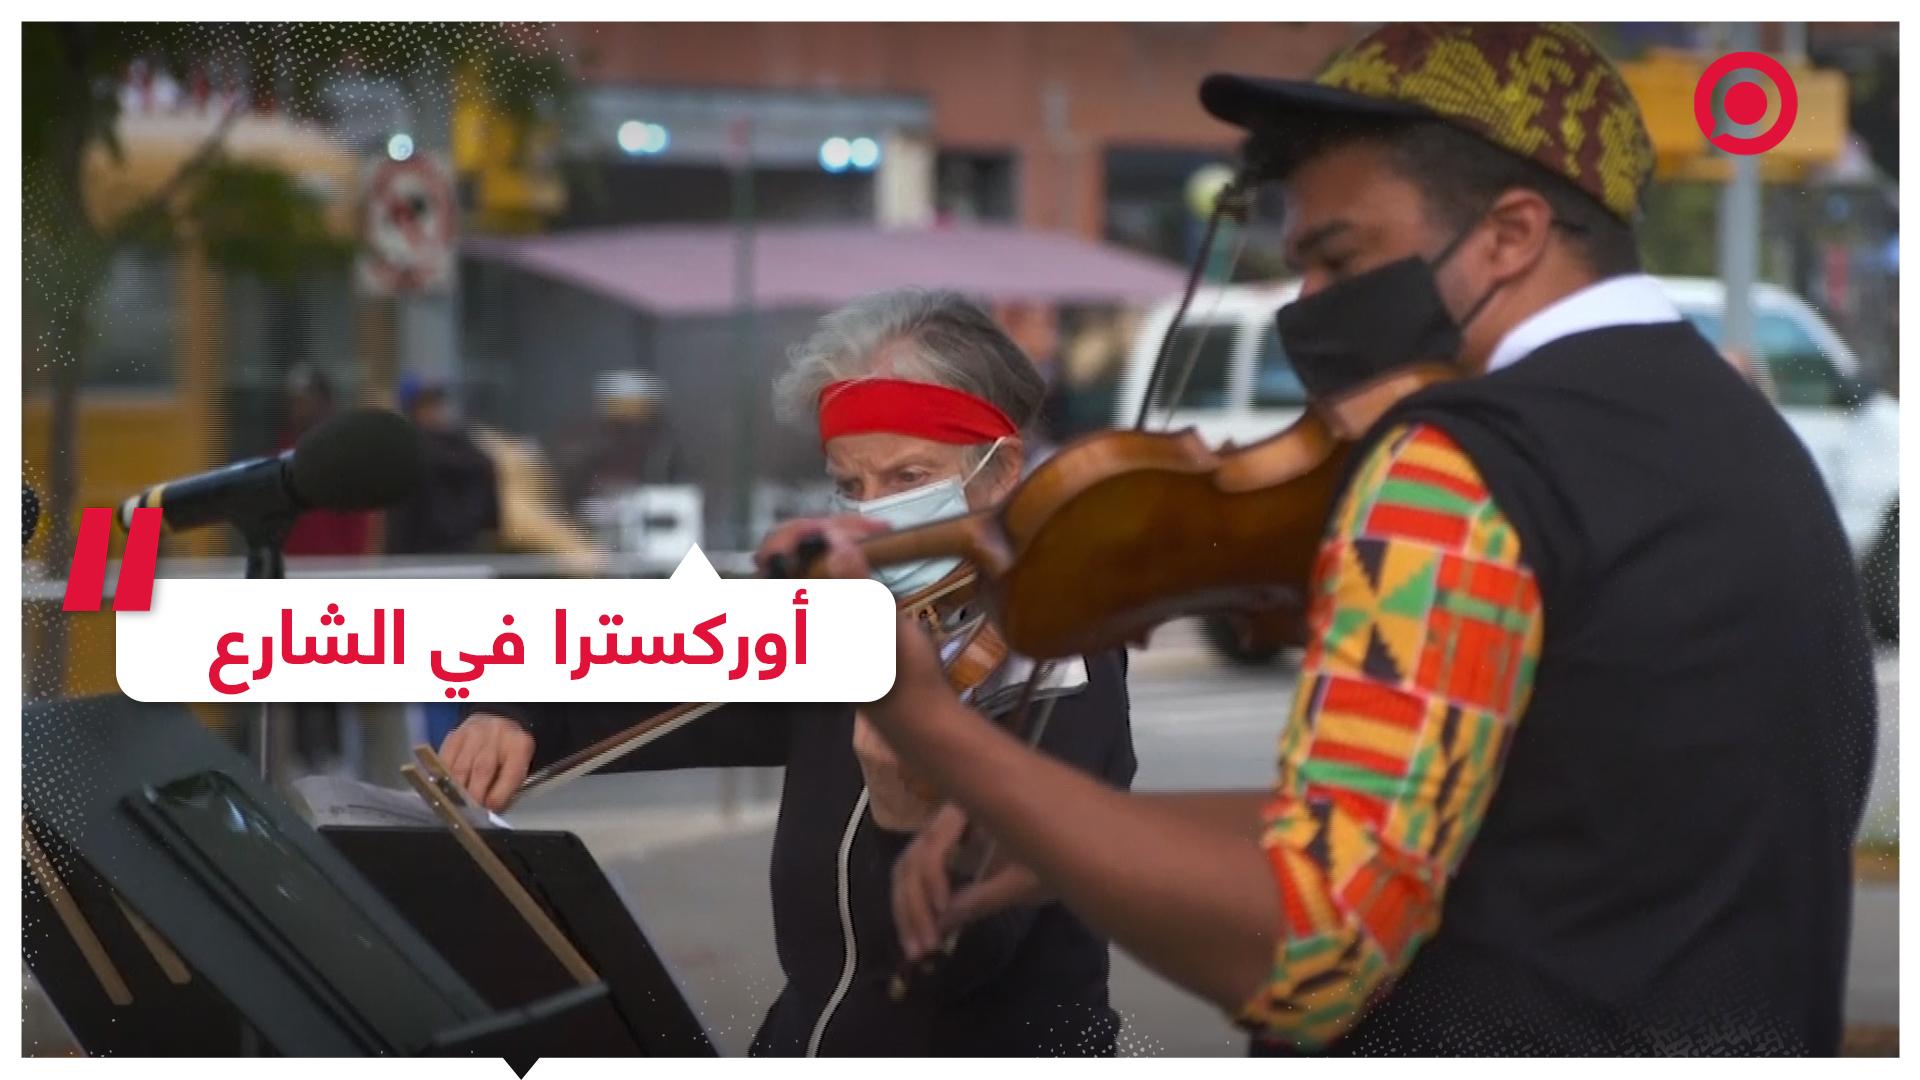 فرقة تتجول في شوارع وحدائق نيويورك لعزف الموسيقى